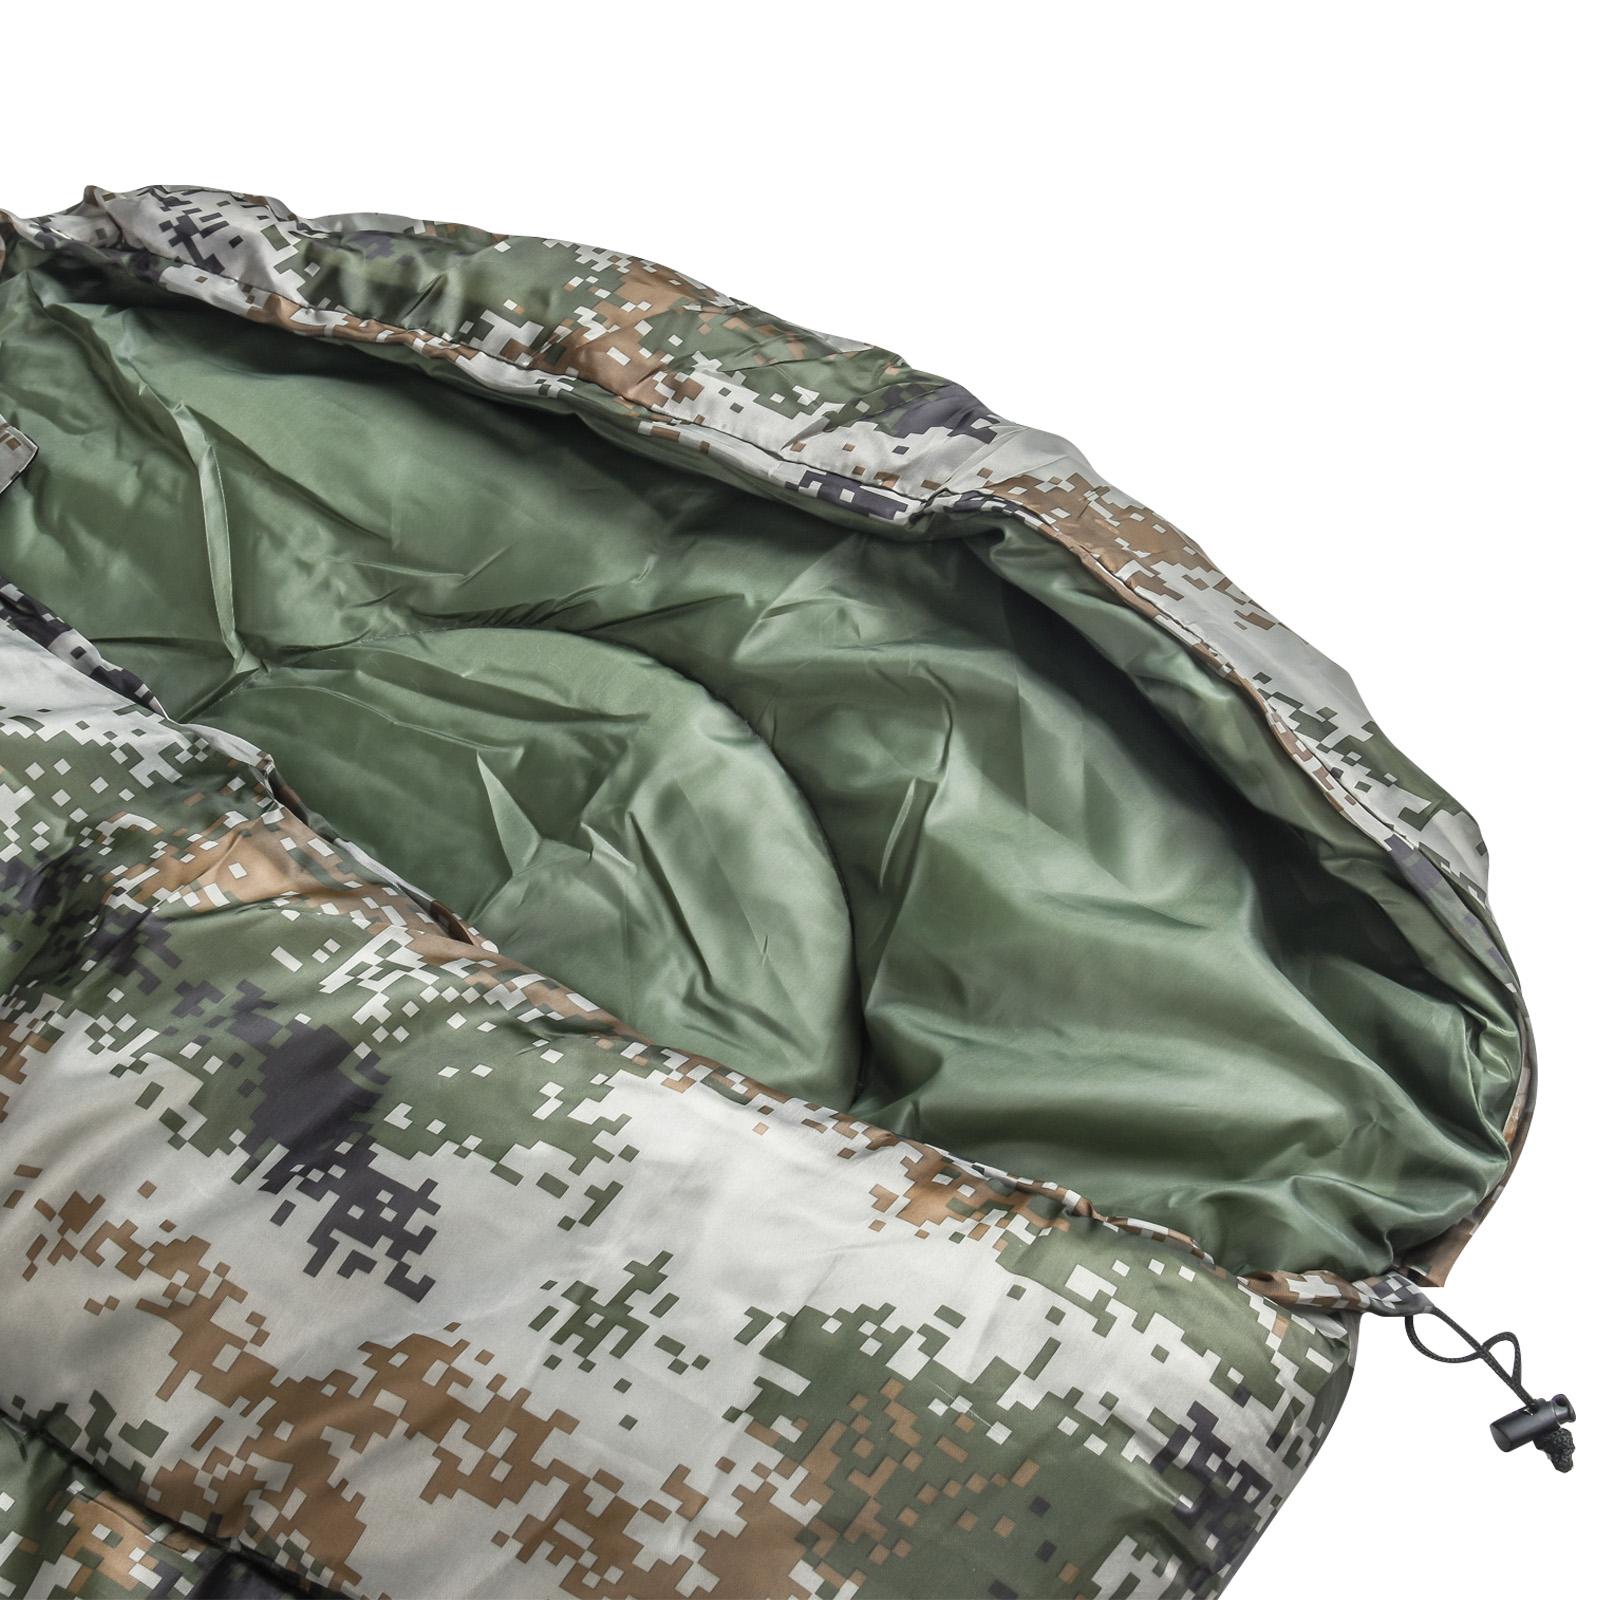 Продажа спальных мешков оптом и в розницу